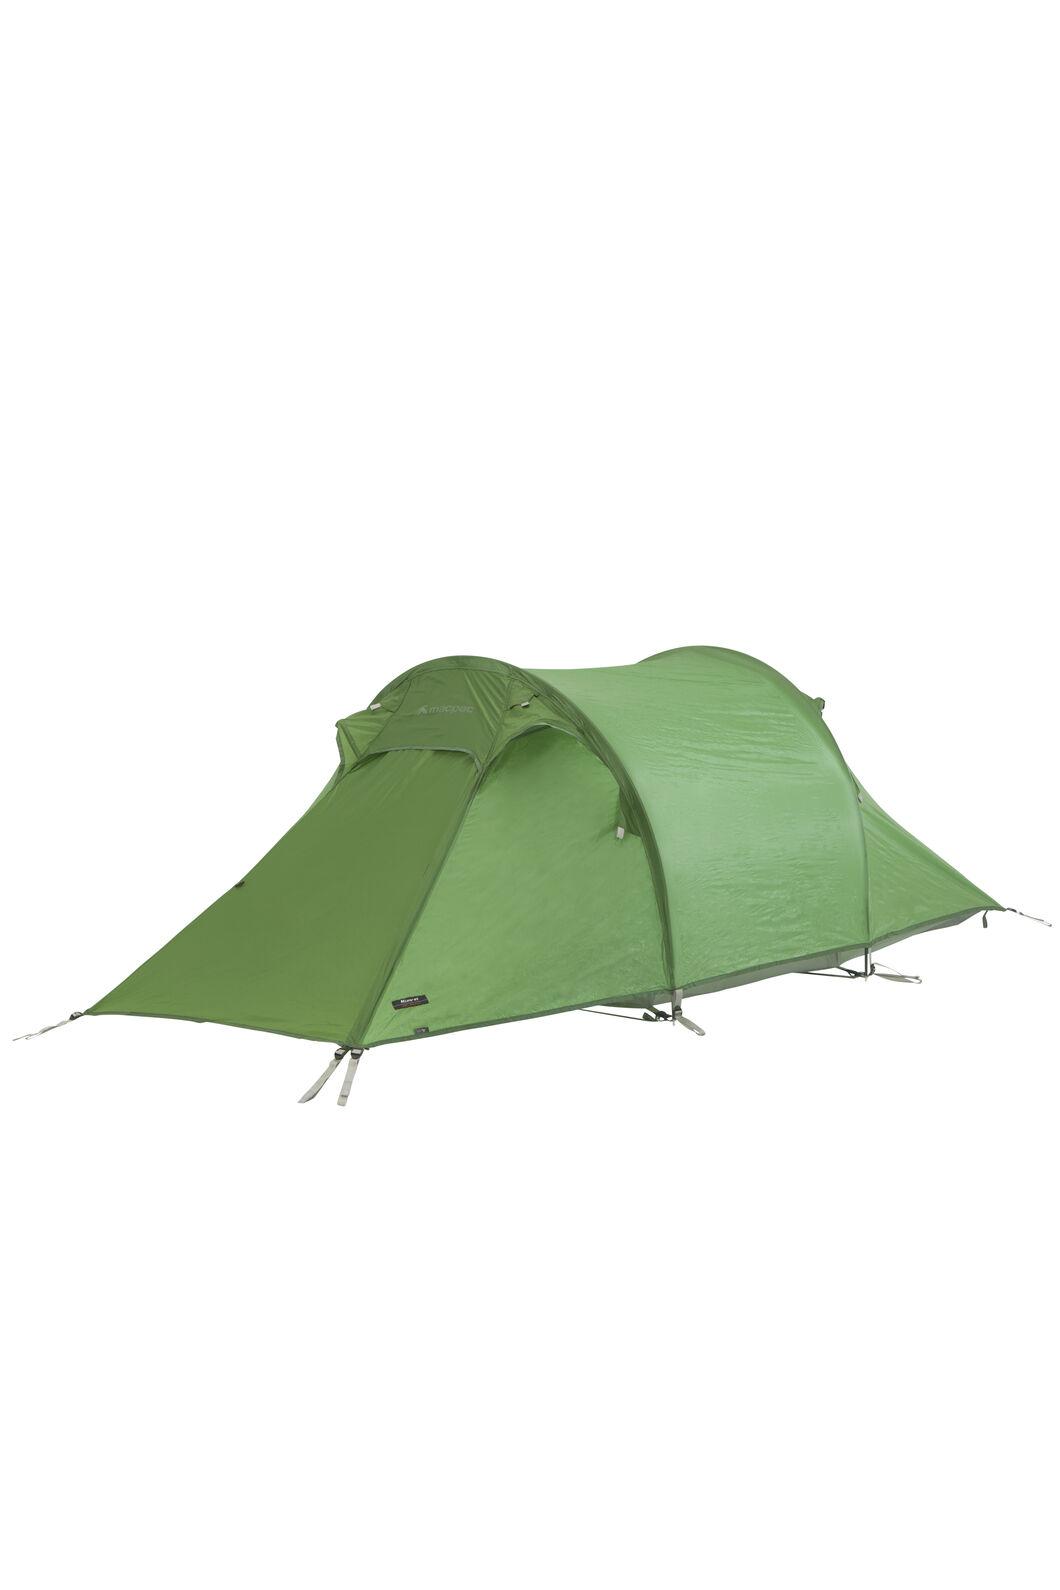 Macpac Minaret Tramping Tent, Kiwi, hi-res